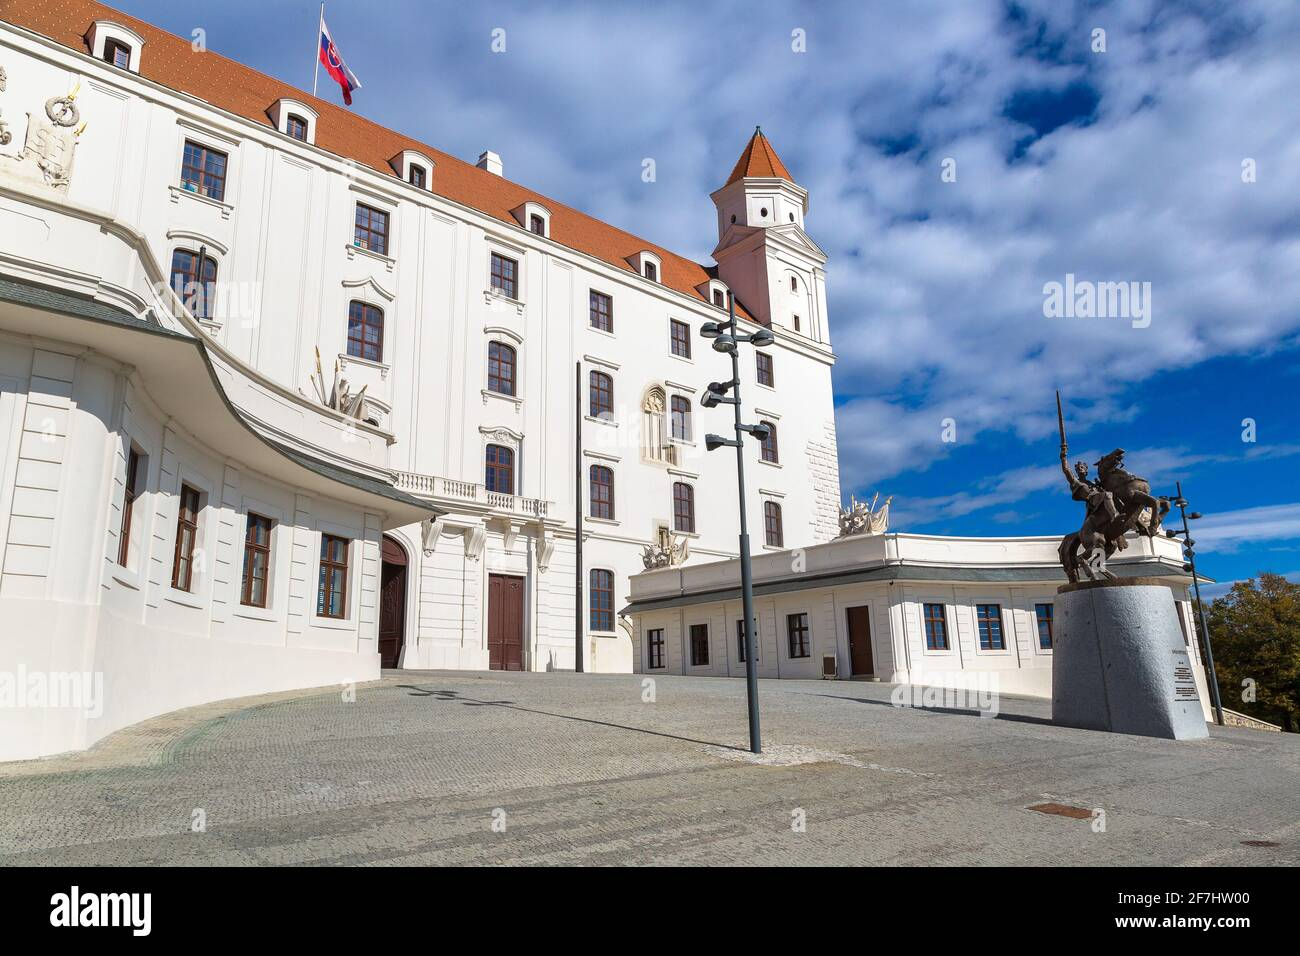 Château médiéval sur une colline en été à Bratislava, Slovaquie Banque D'Images